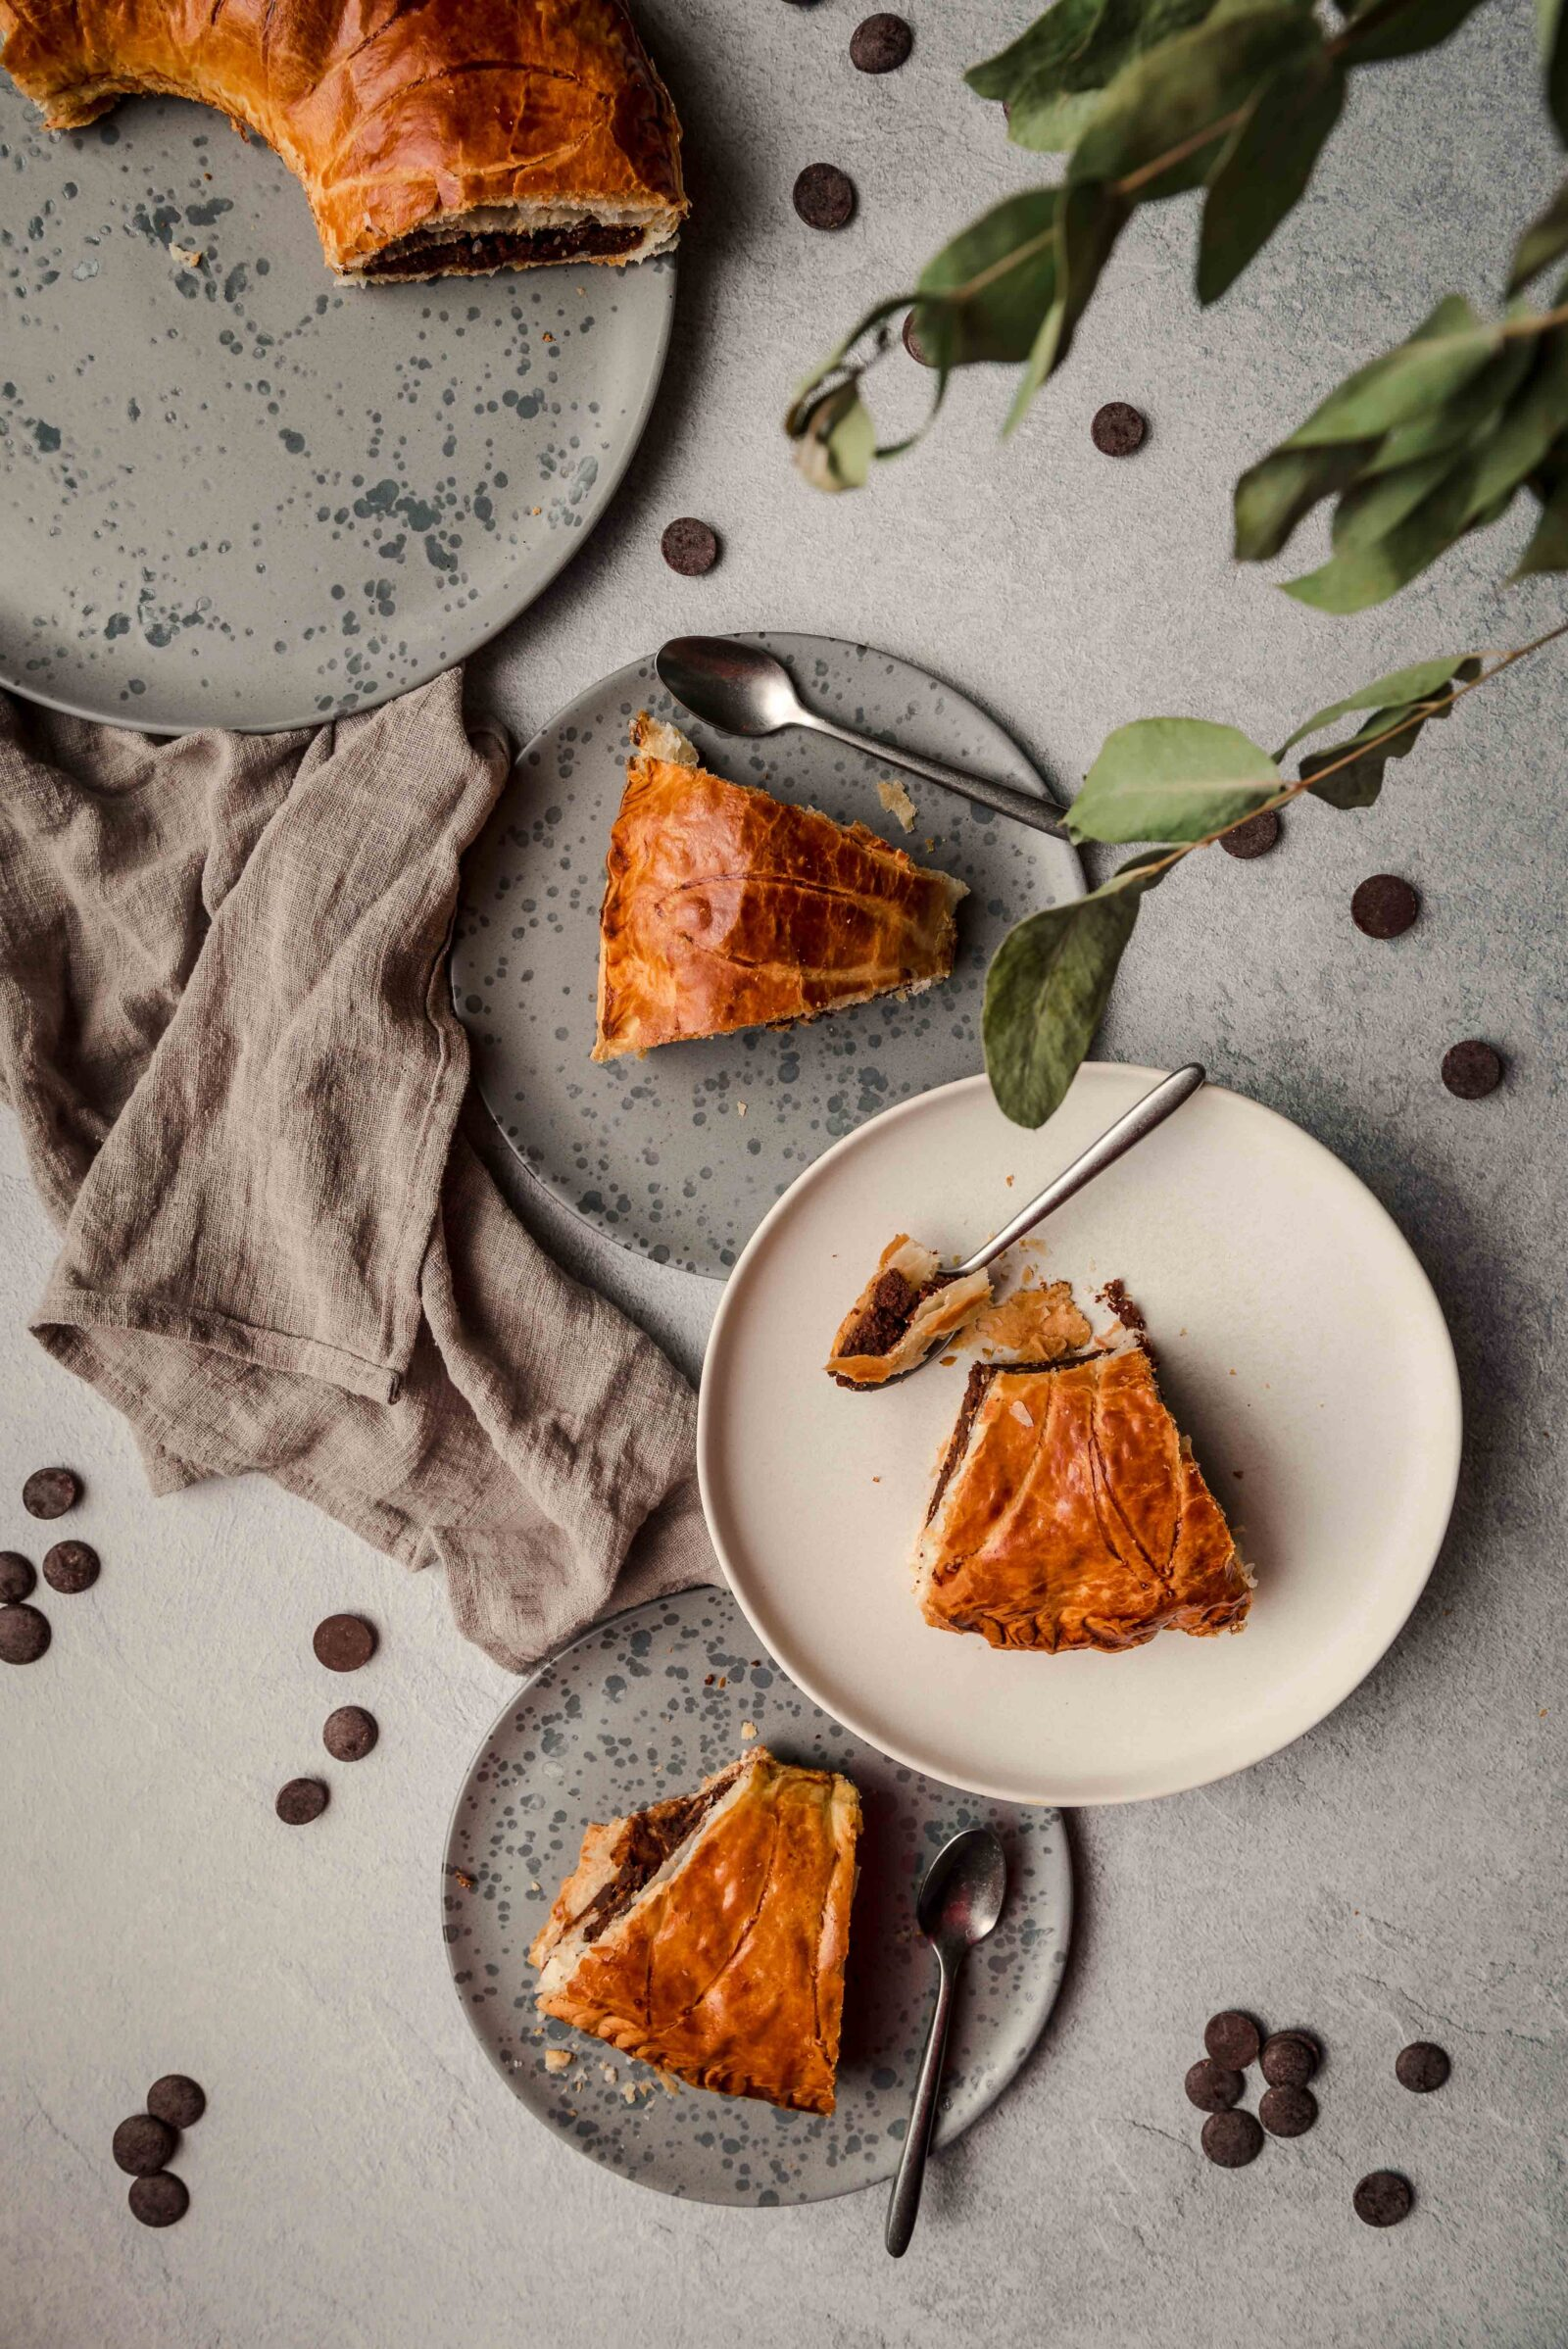 Cette galette des rois est très rapide à faire et le goût du chocolat apporte une touche d'originalité.